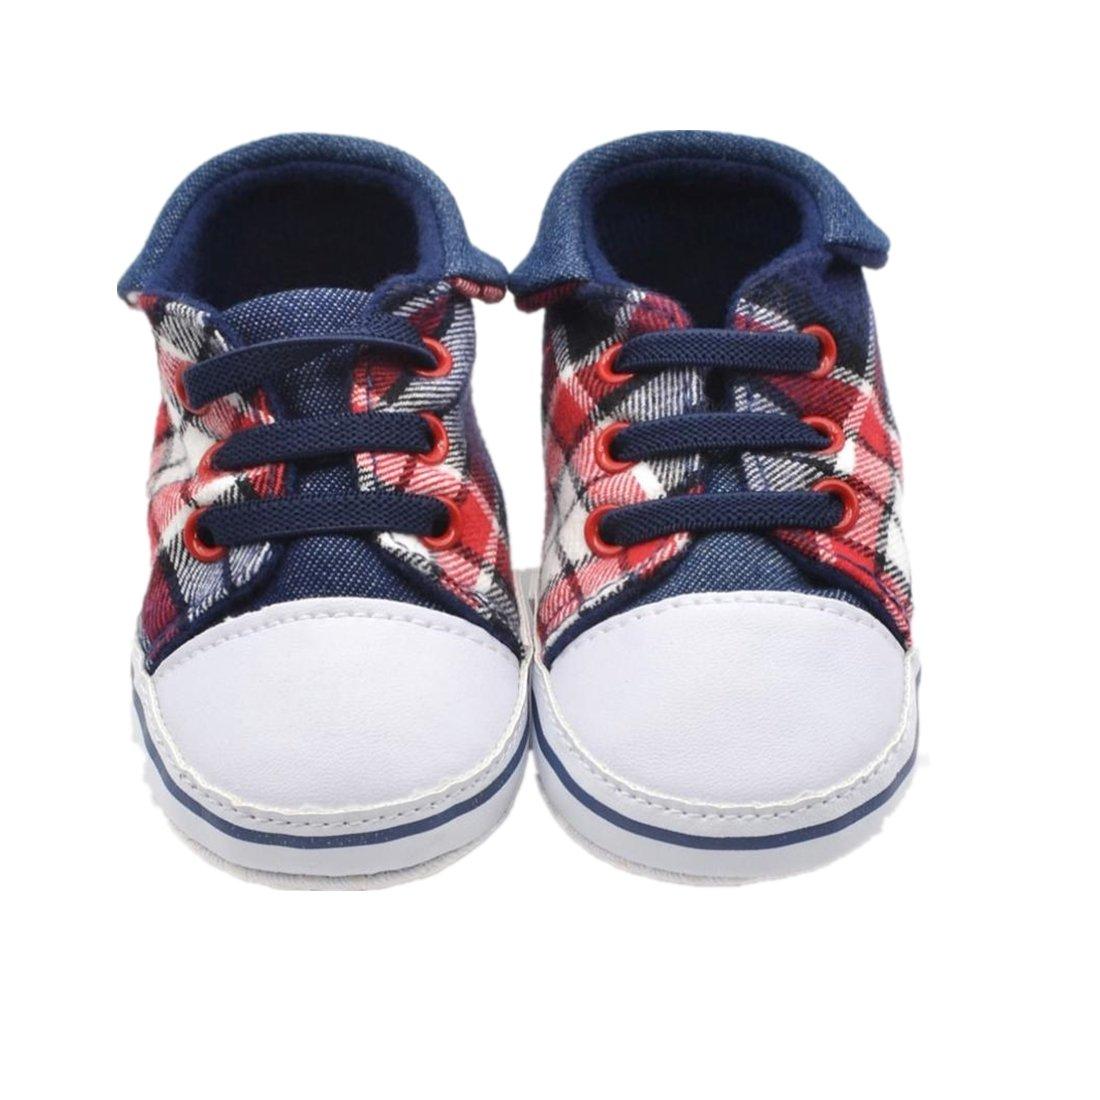 pour 0-18 mois Bébé, Amlaiworld Garçon doux Sneaker seul enfant chaussures (11/0-6 mois, Bleu)